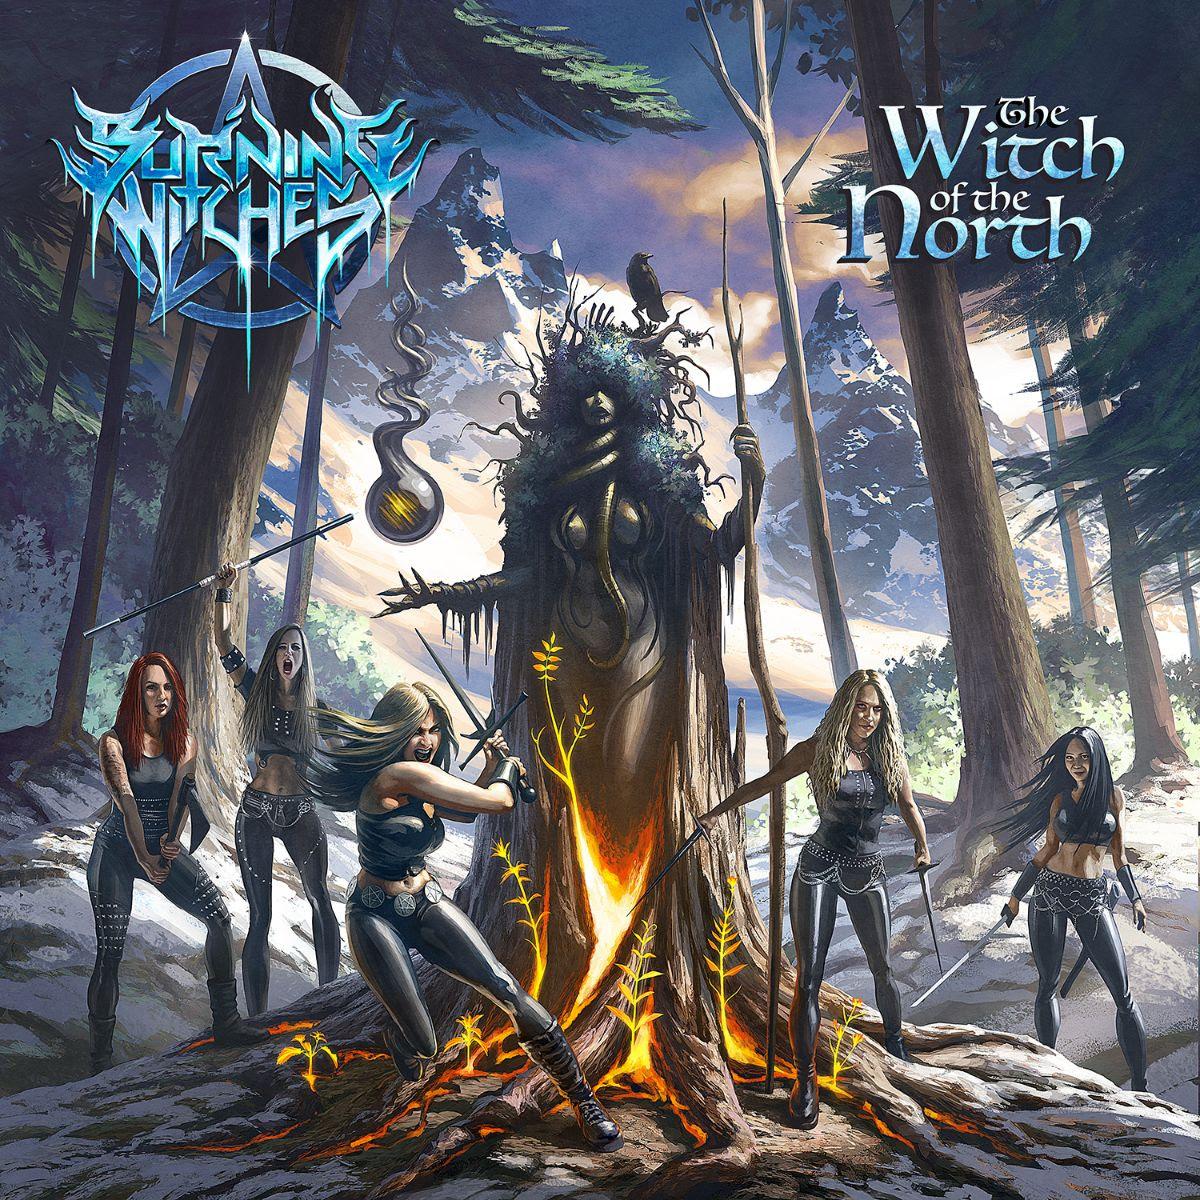 BURNING WITCHES - svelano la copertina, titolo e data di uscita del nuovo album!